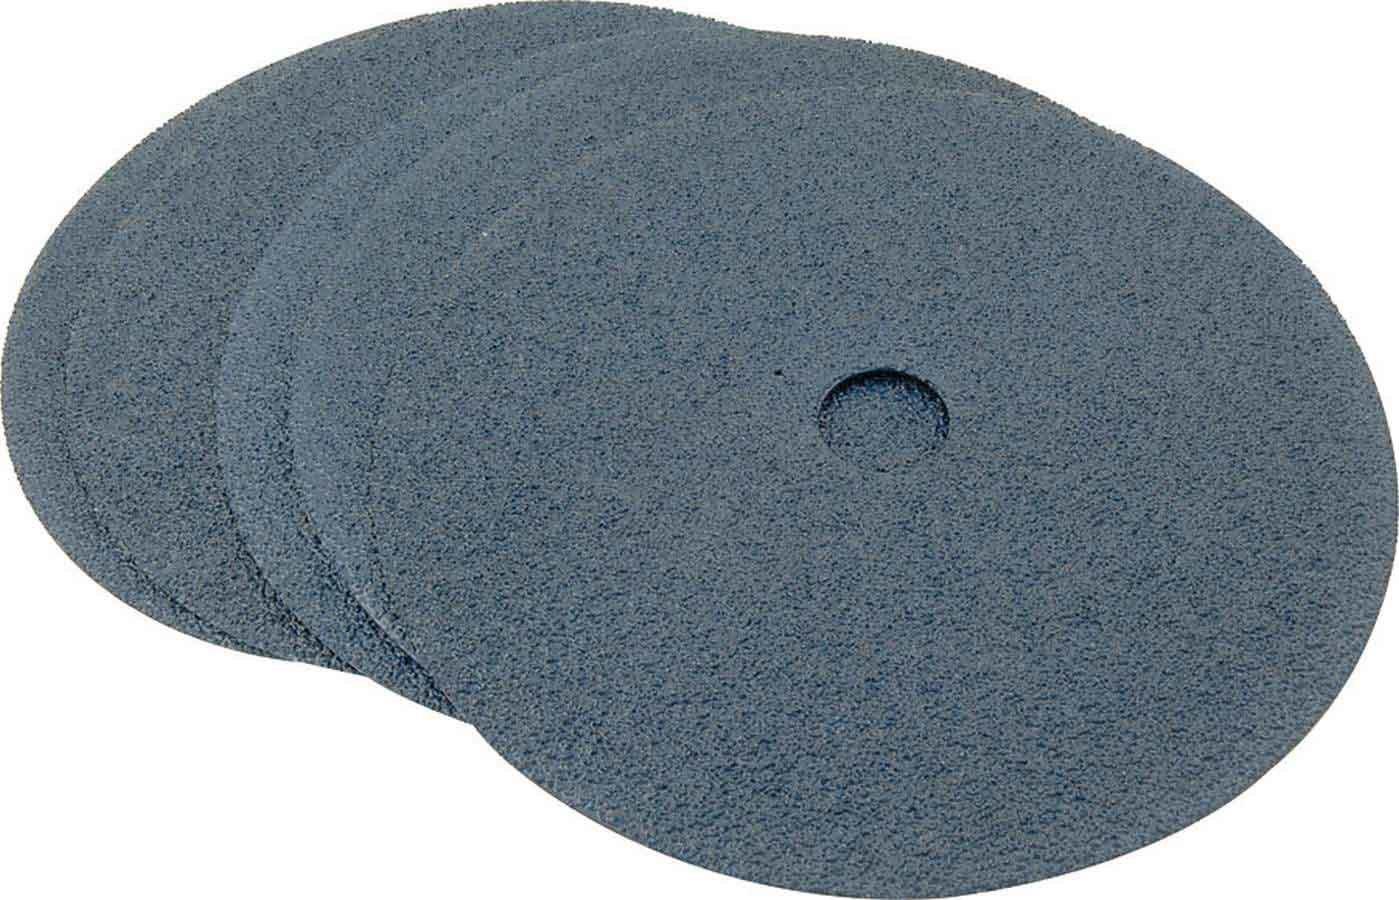 Sanding Discs 7in 36 Grit 5pk